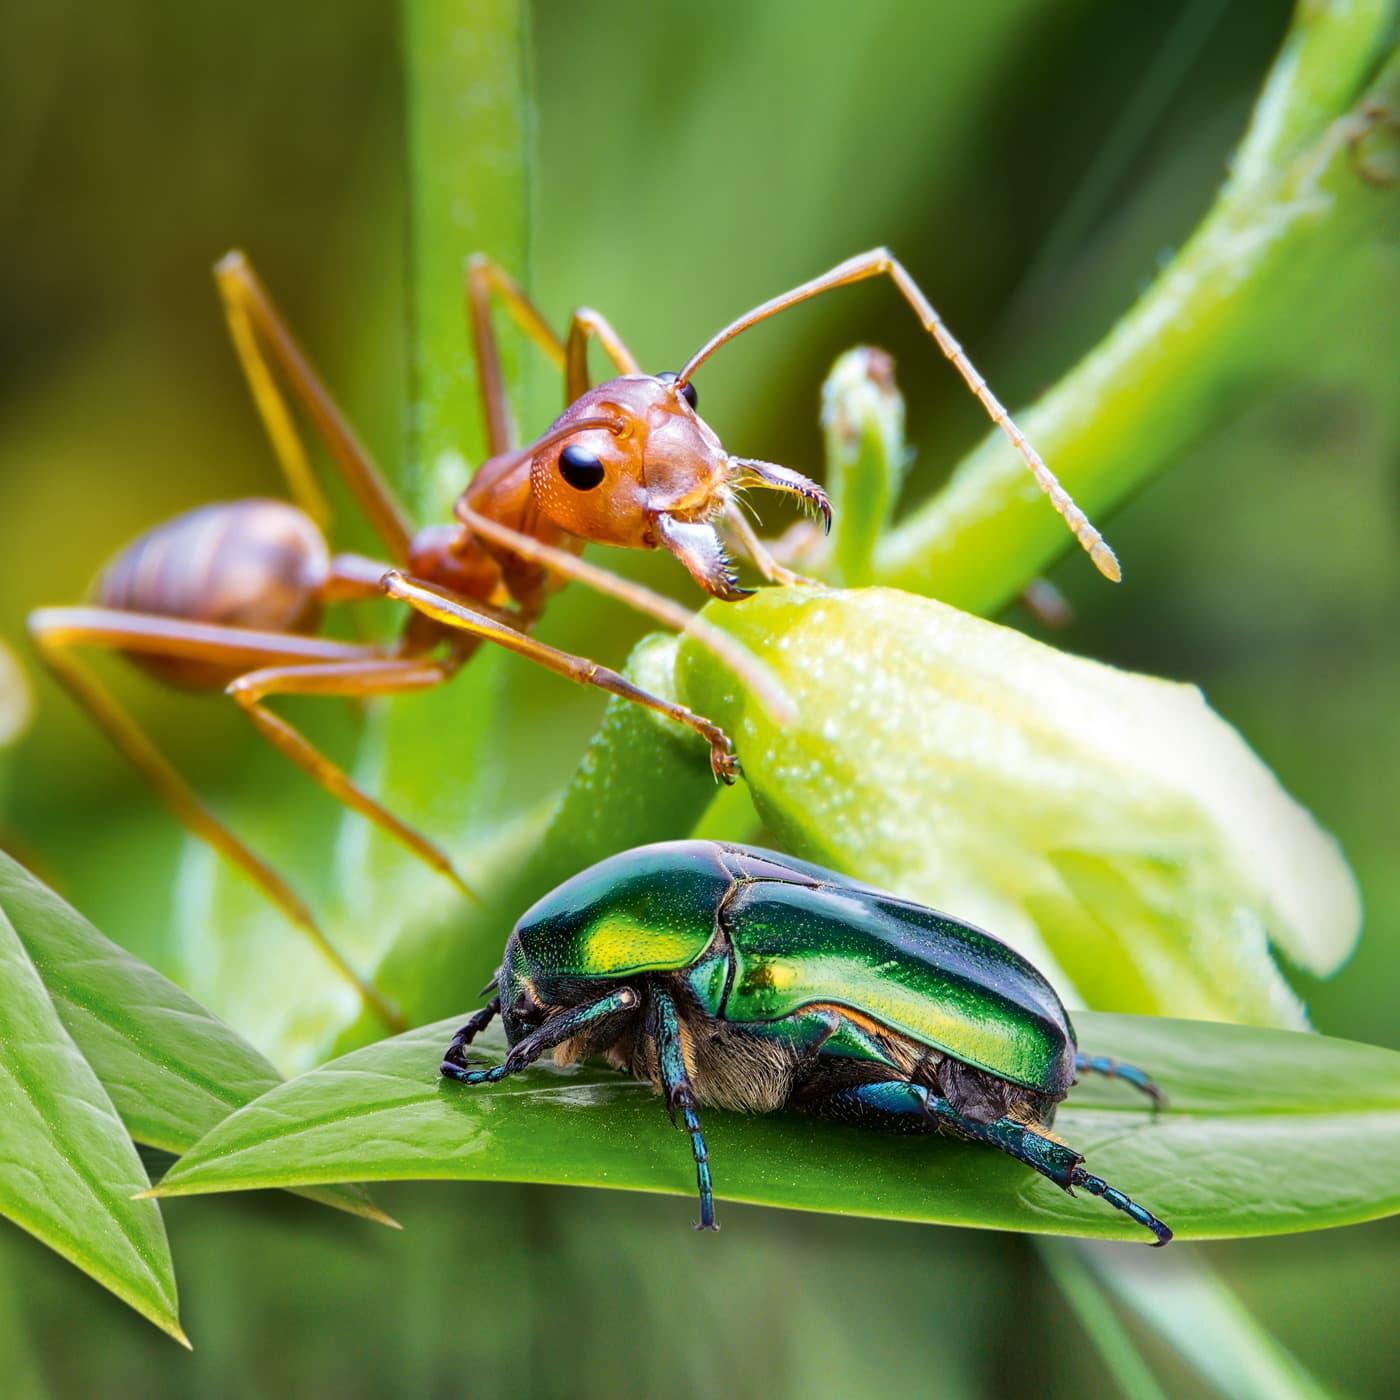 Spaß am Wochenende – Ausflug zur Ausstellung Insekten – stark und schön in der Bioshäre Potsdam // HIMBEER